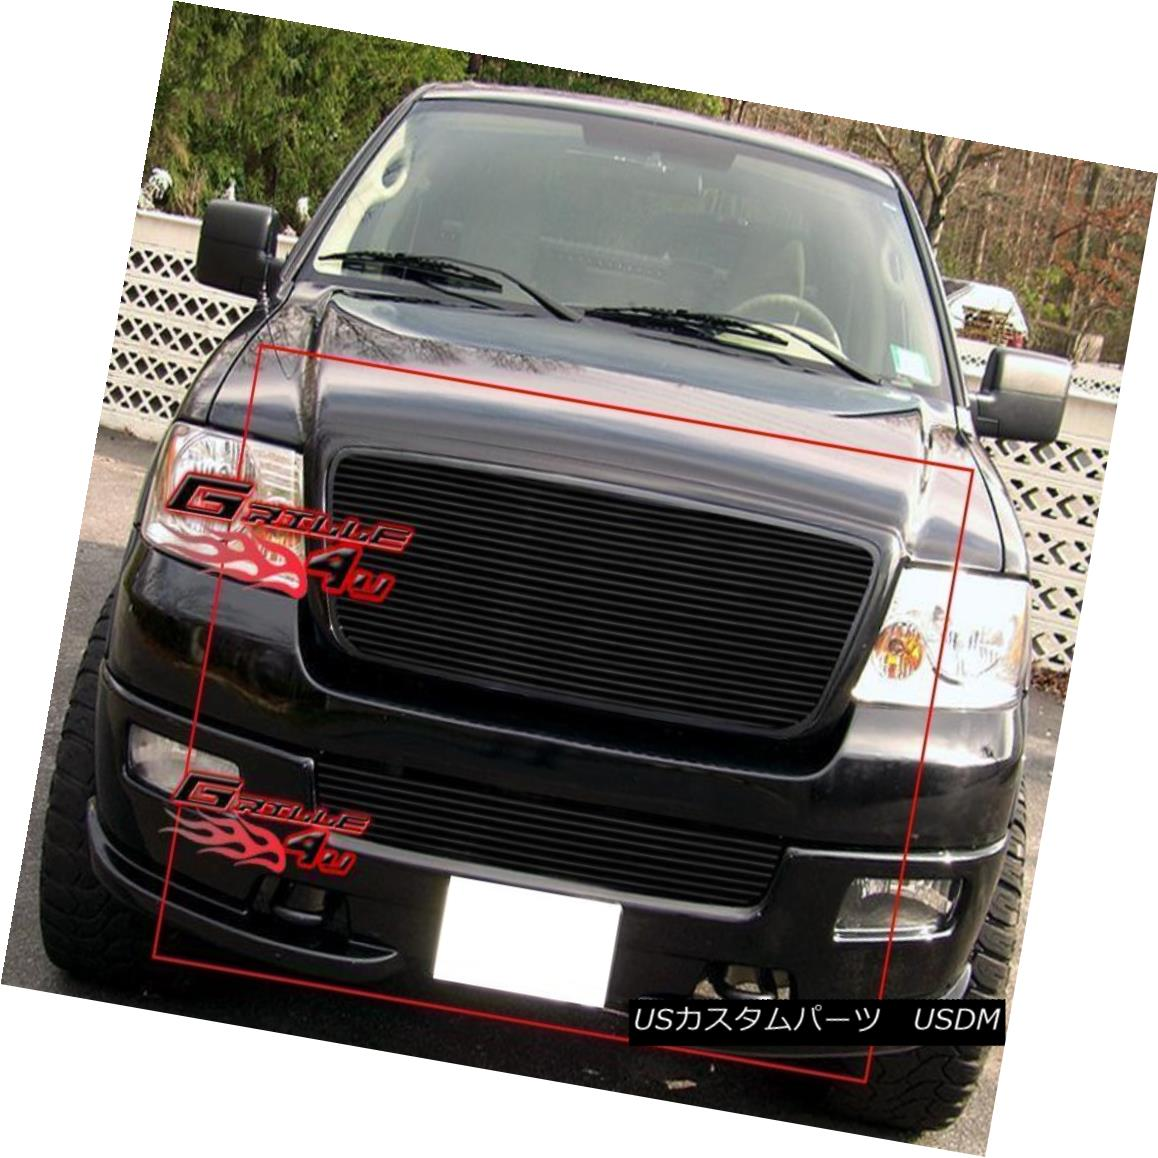 グリル Fits 04-05 Ford F-150 Honeycomb Black Billet Grille Combo フィット04-05 Ford F-150ハニカムブラックビレットグリルコンボ